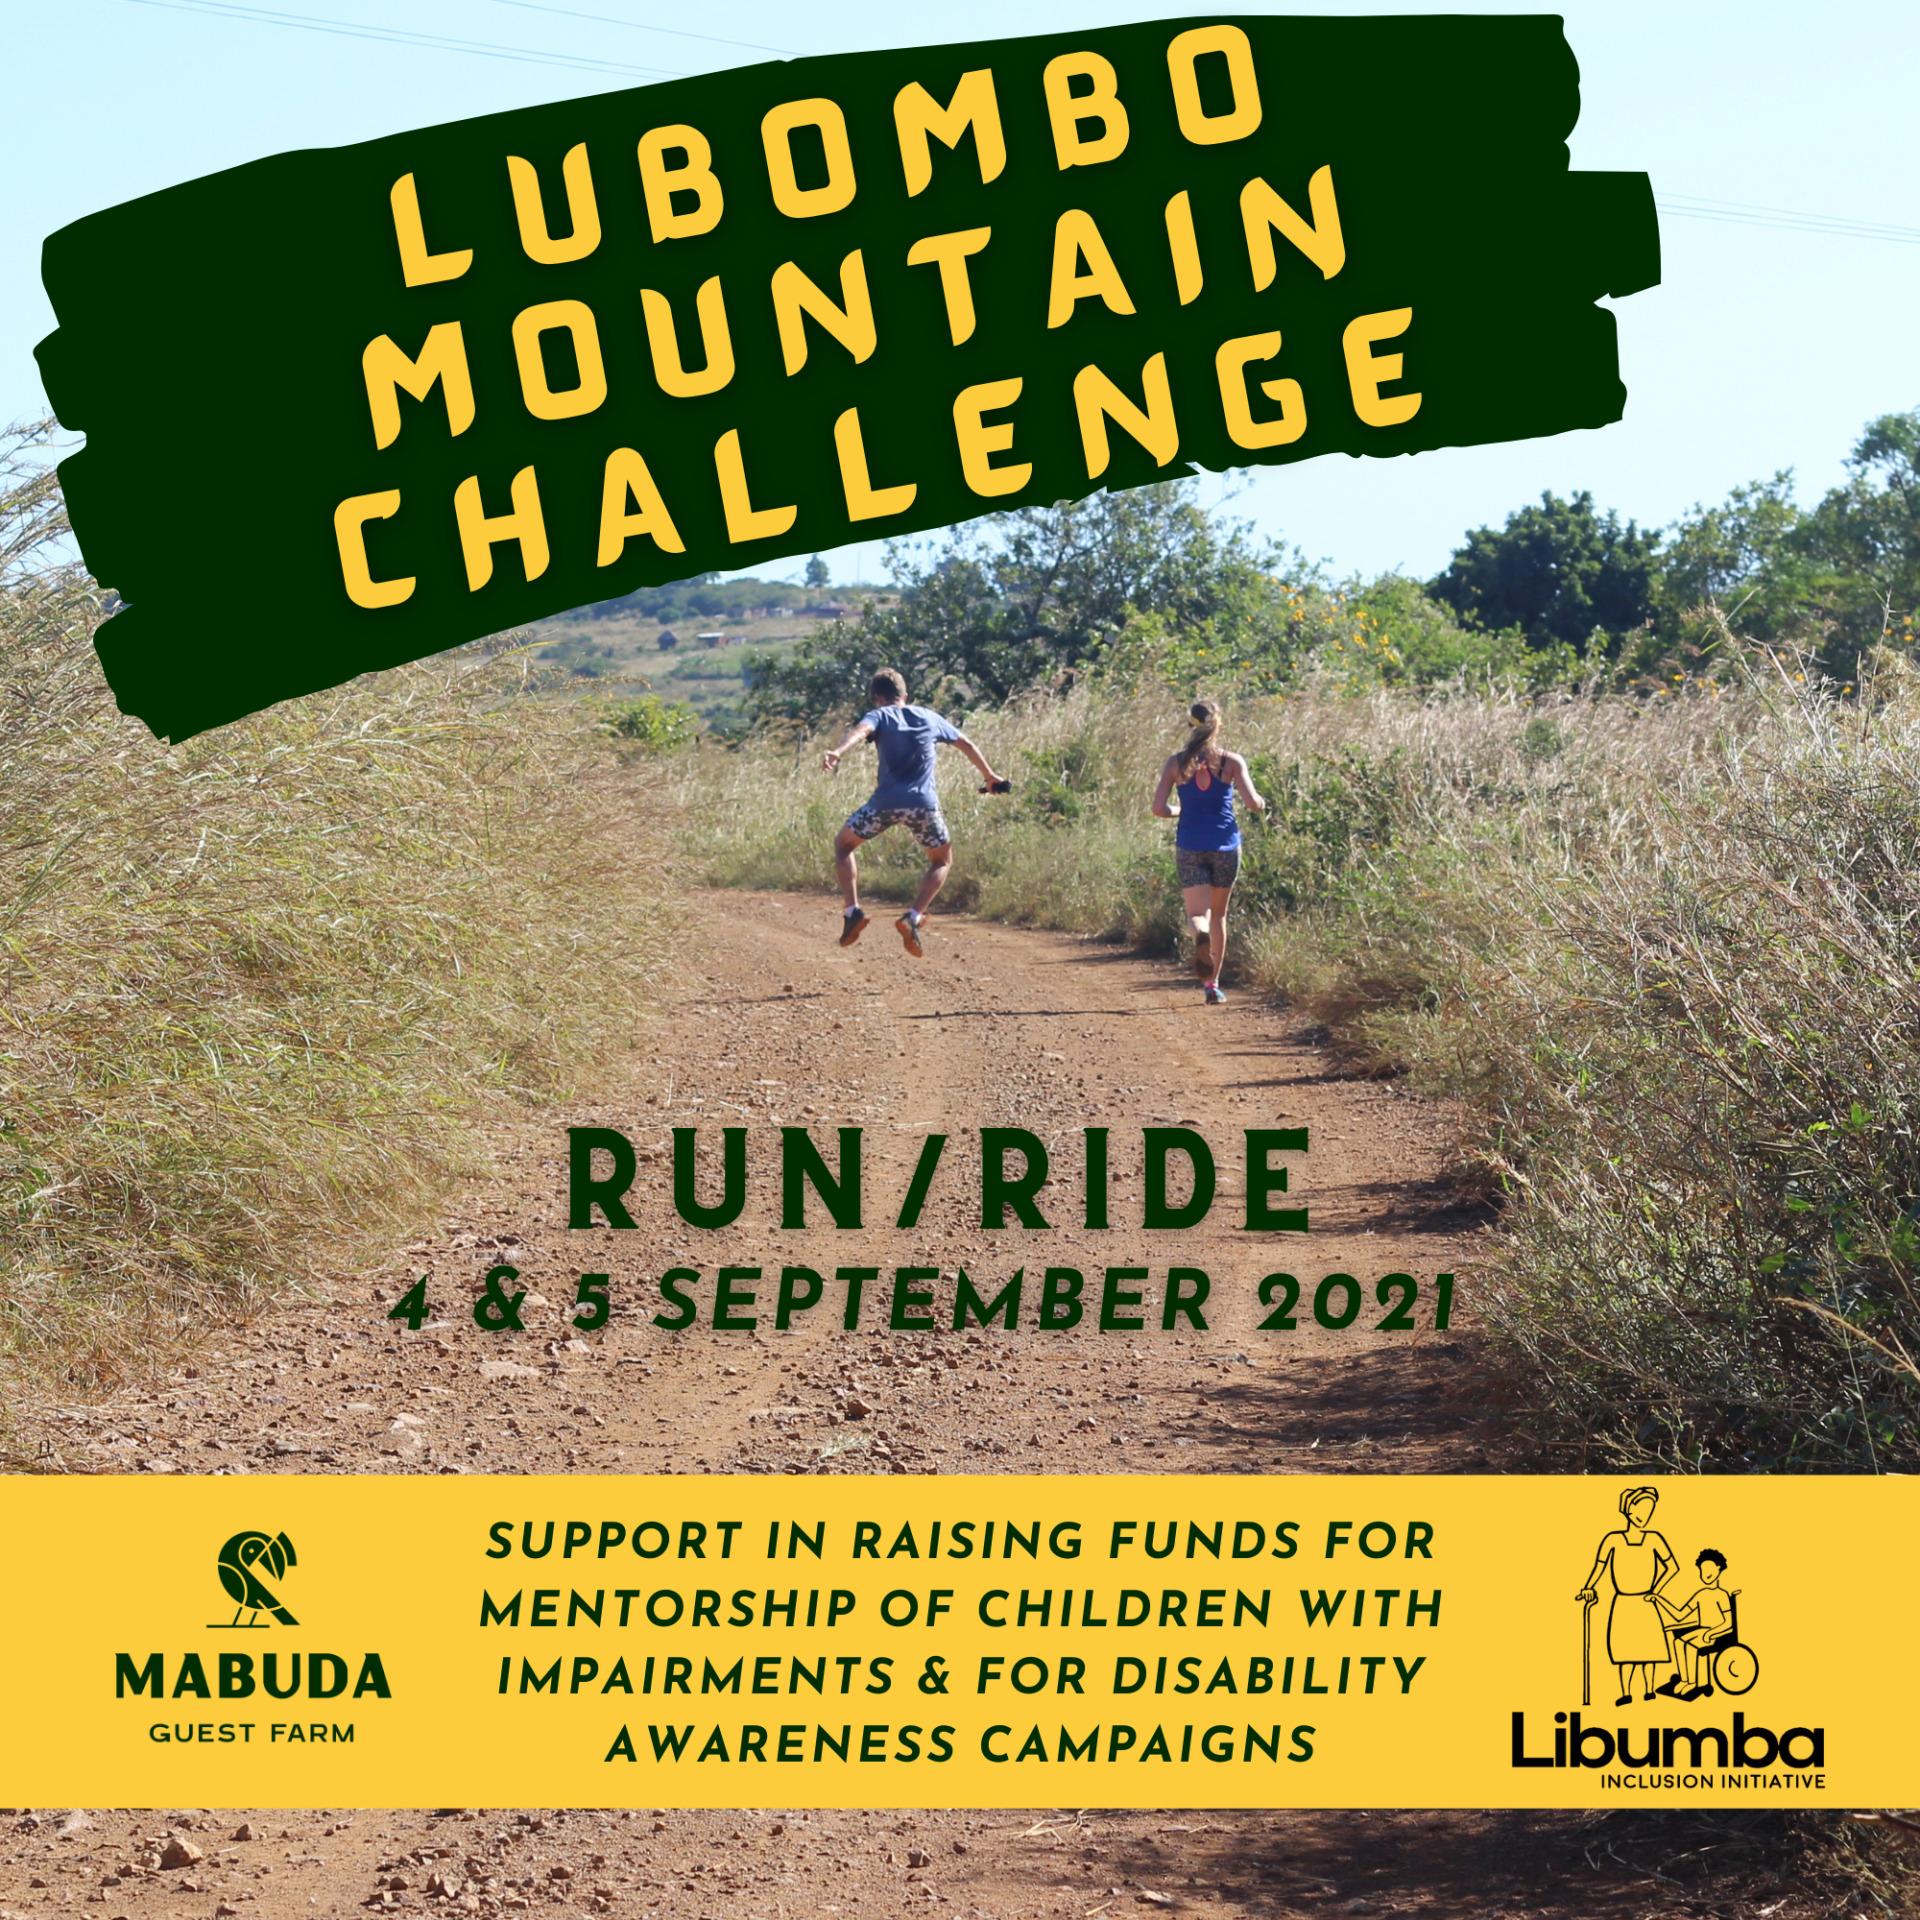 Lubombo Mountain Challenge Phone view 2